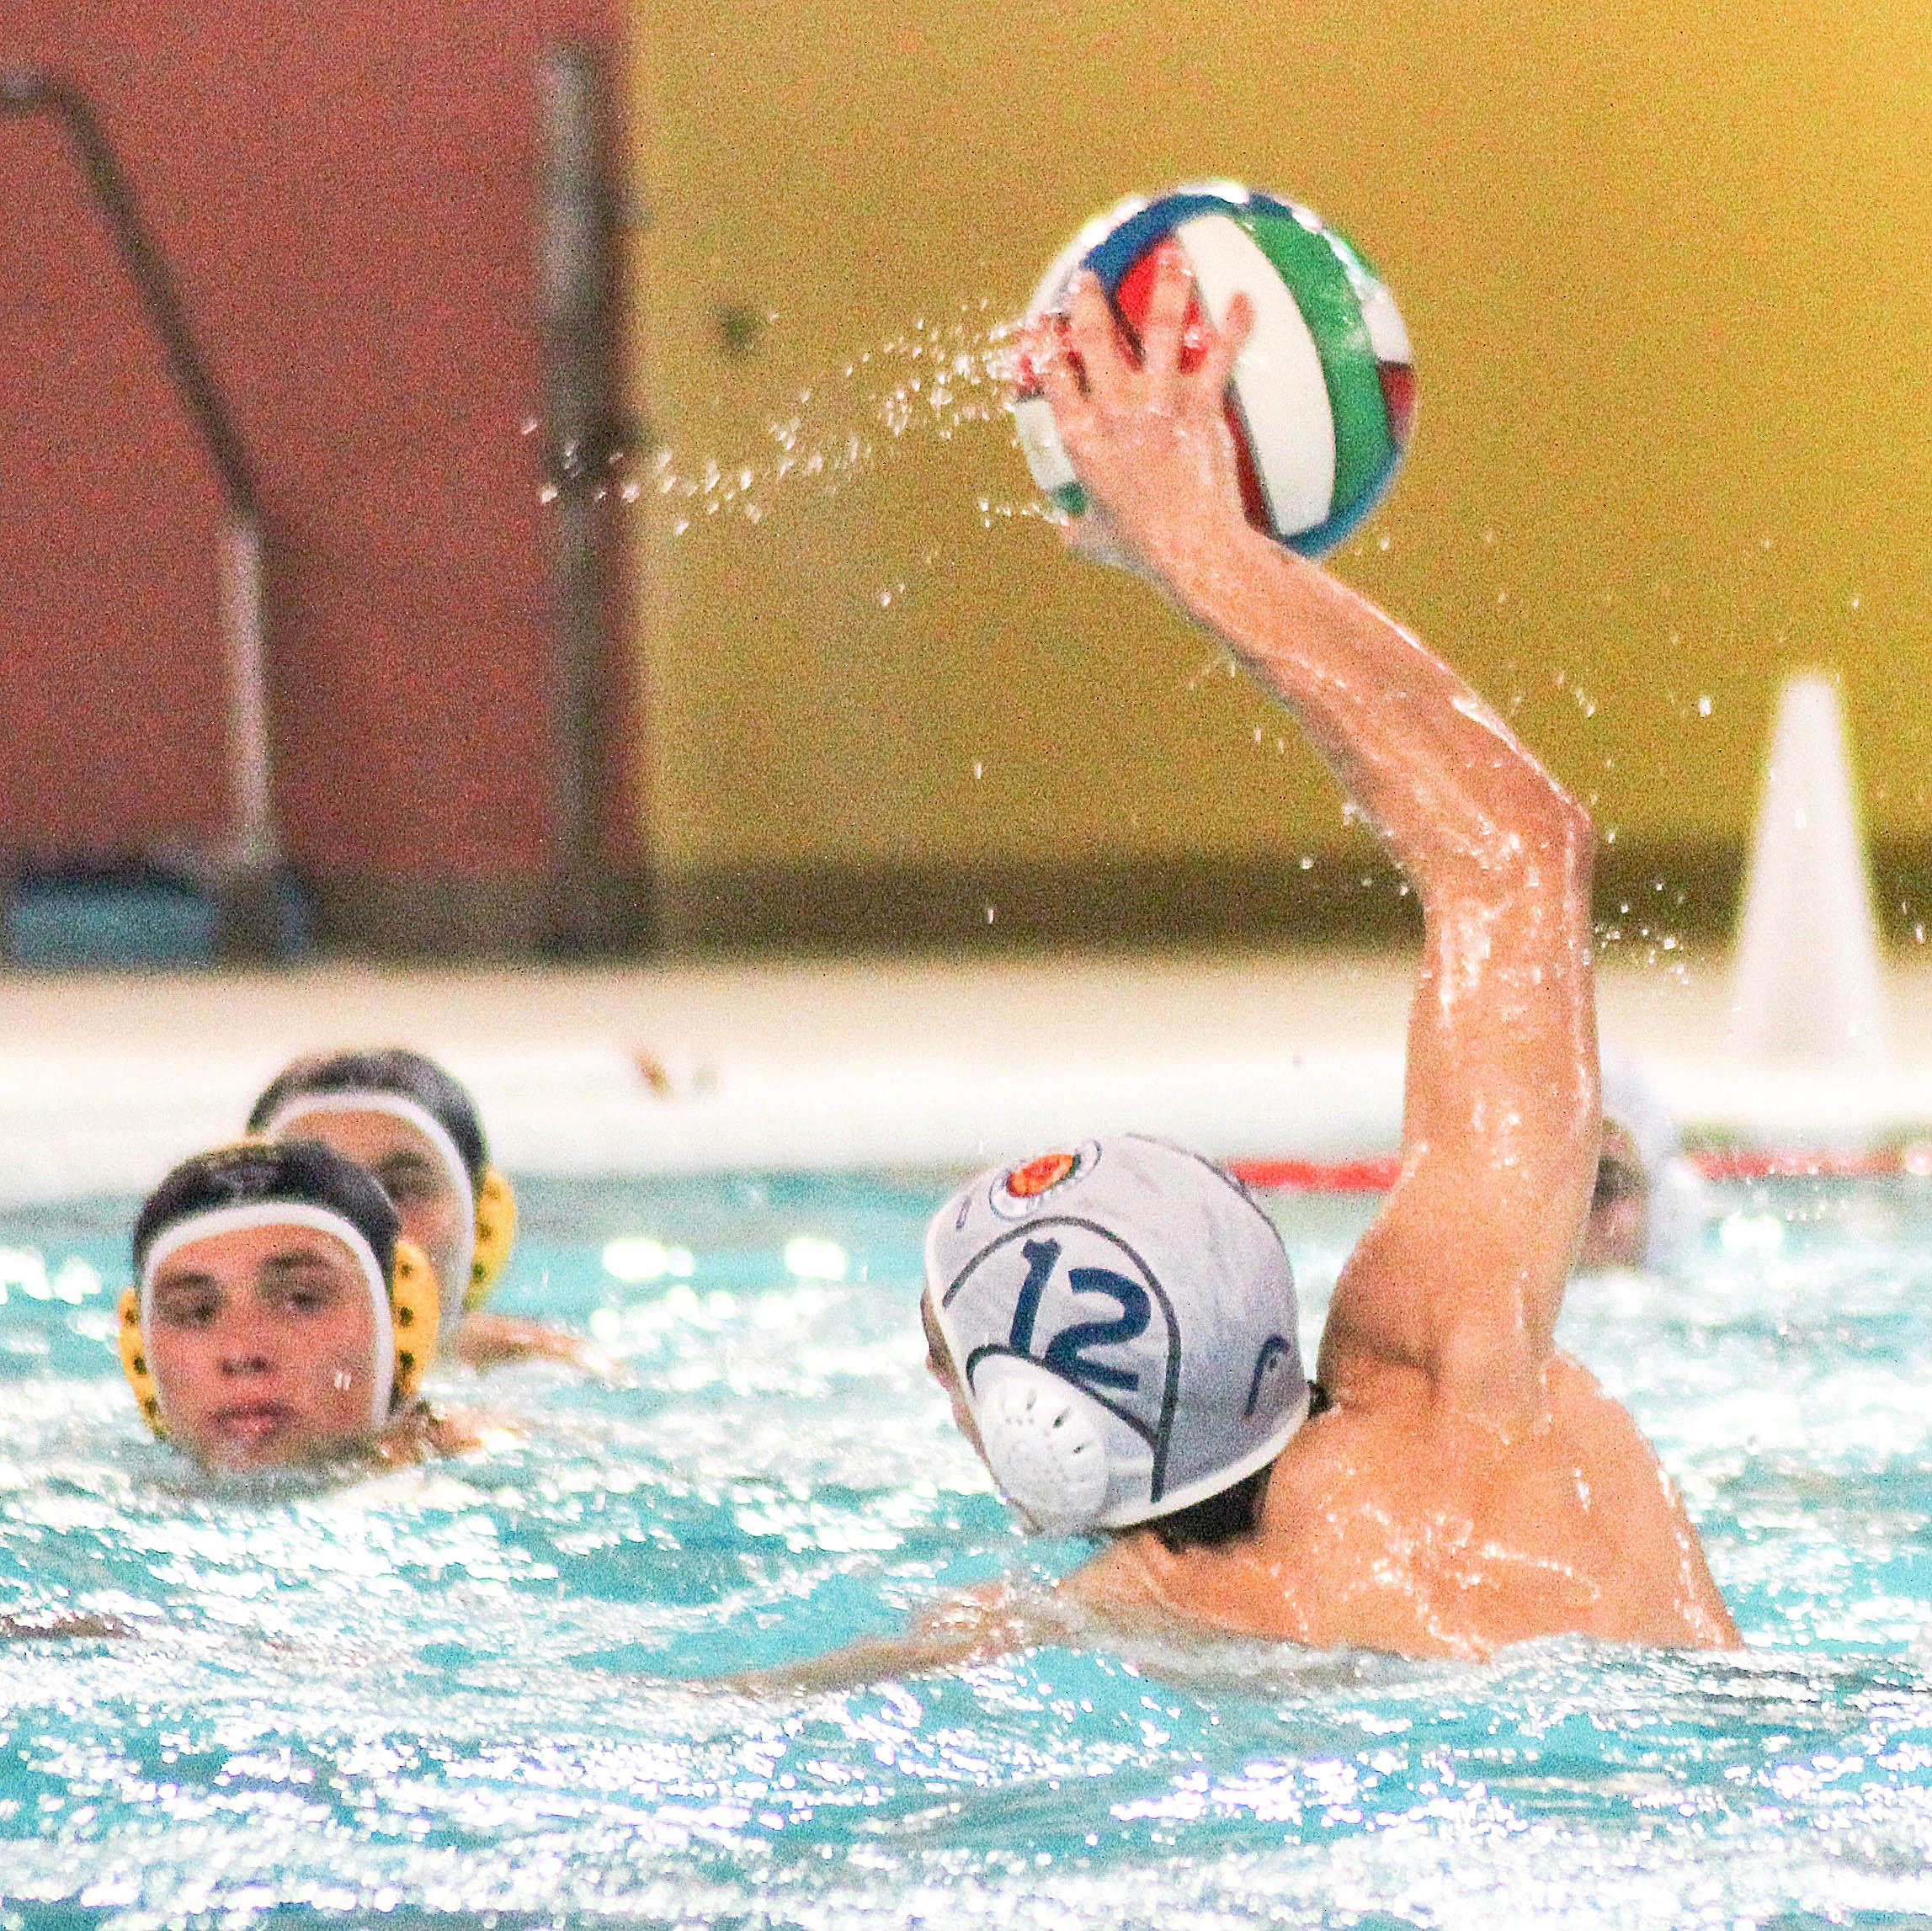 Settore giovanile: tris di vittorie per l'U20 (con successo esterno a Padova), tutto facile anche per le orchette U19 femminile